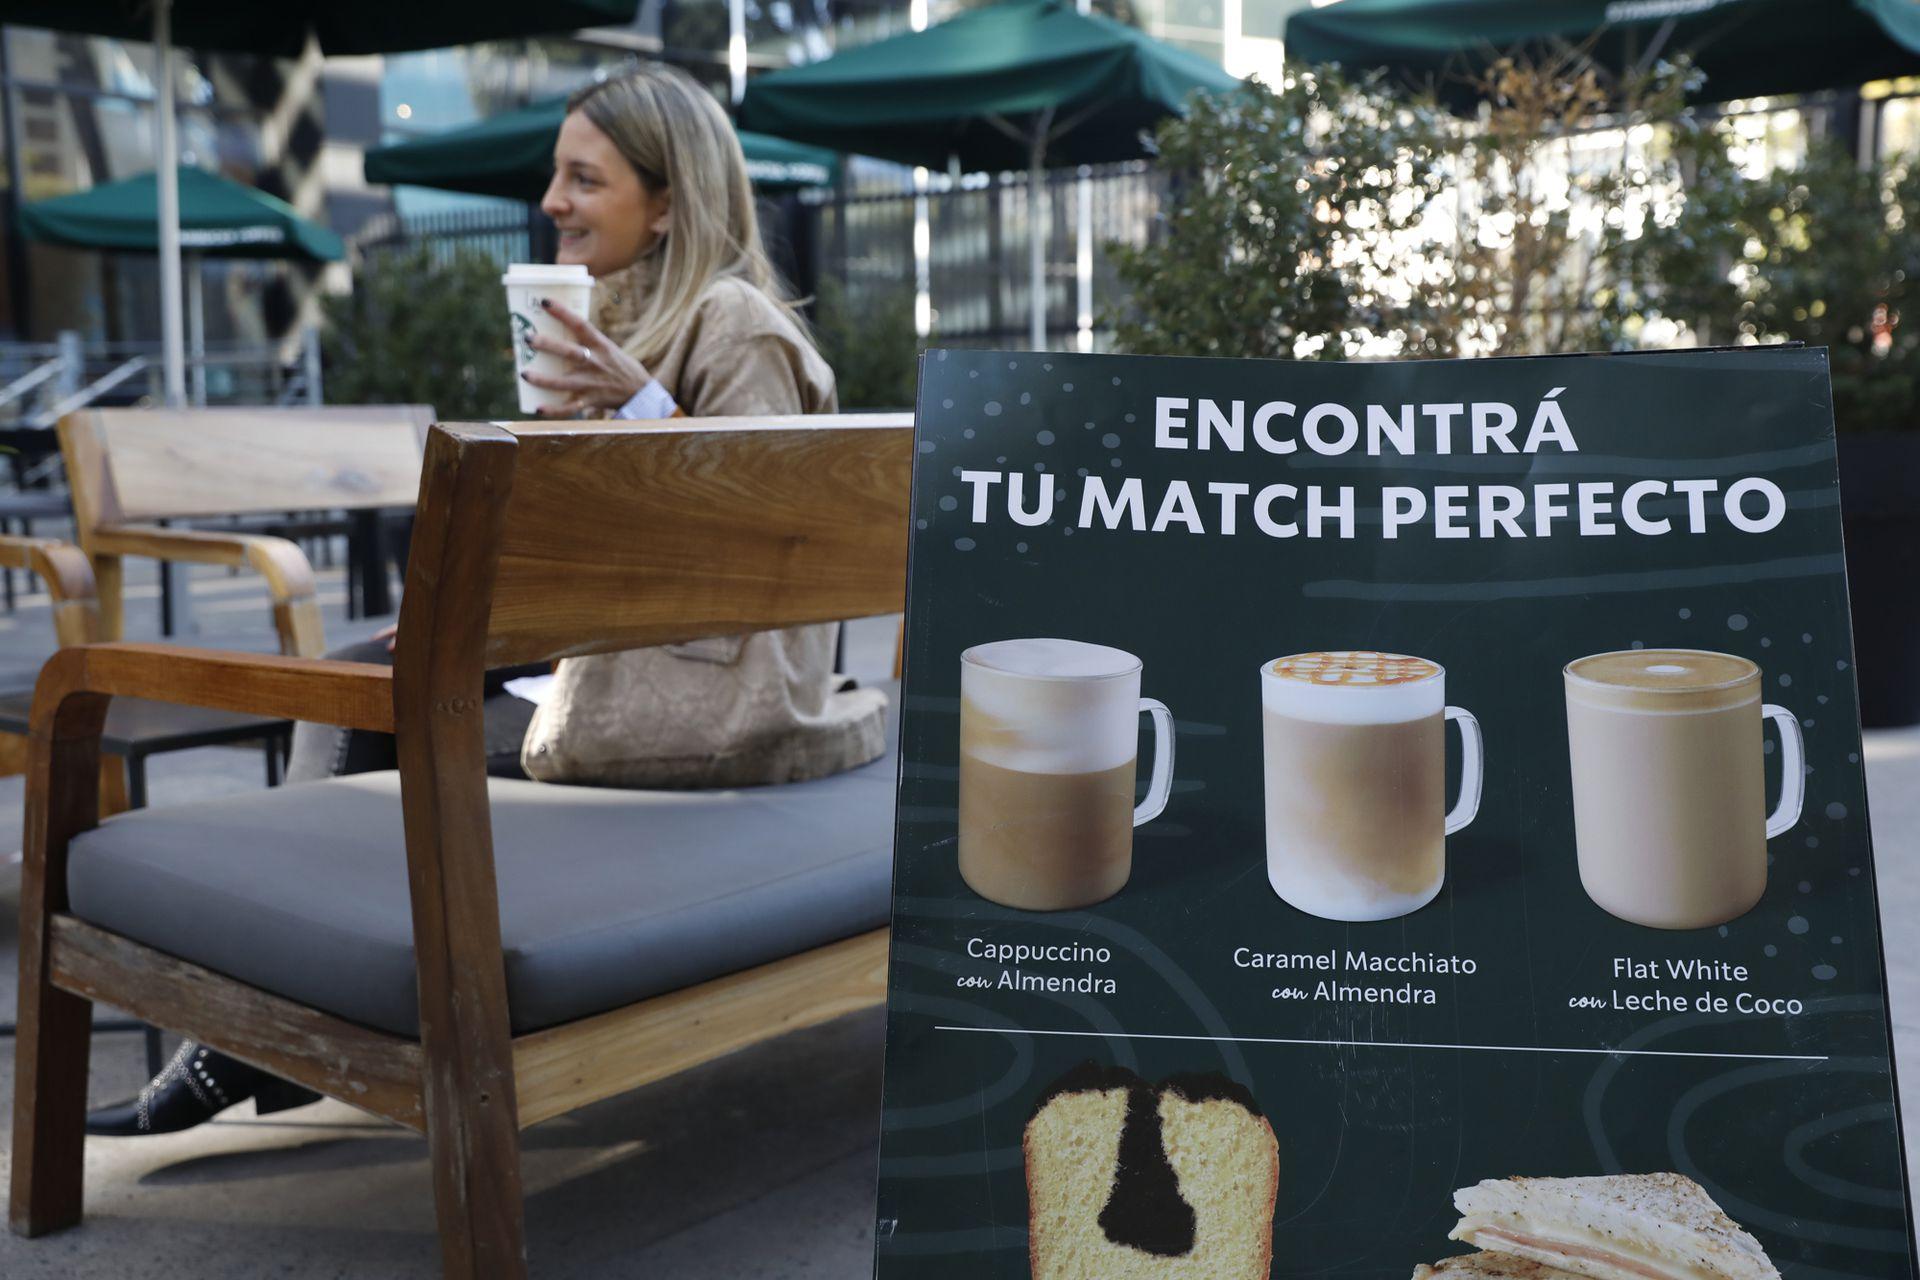 A tono con la demanda y a pedido de muchos de sus clientes, la cadena Starbucks comenzó a ofrecer la variedad vegetal para combinar con sus cafés